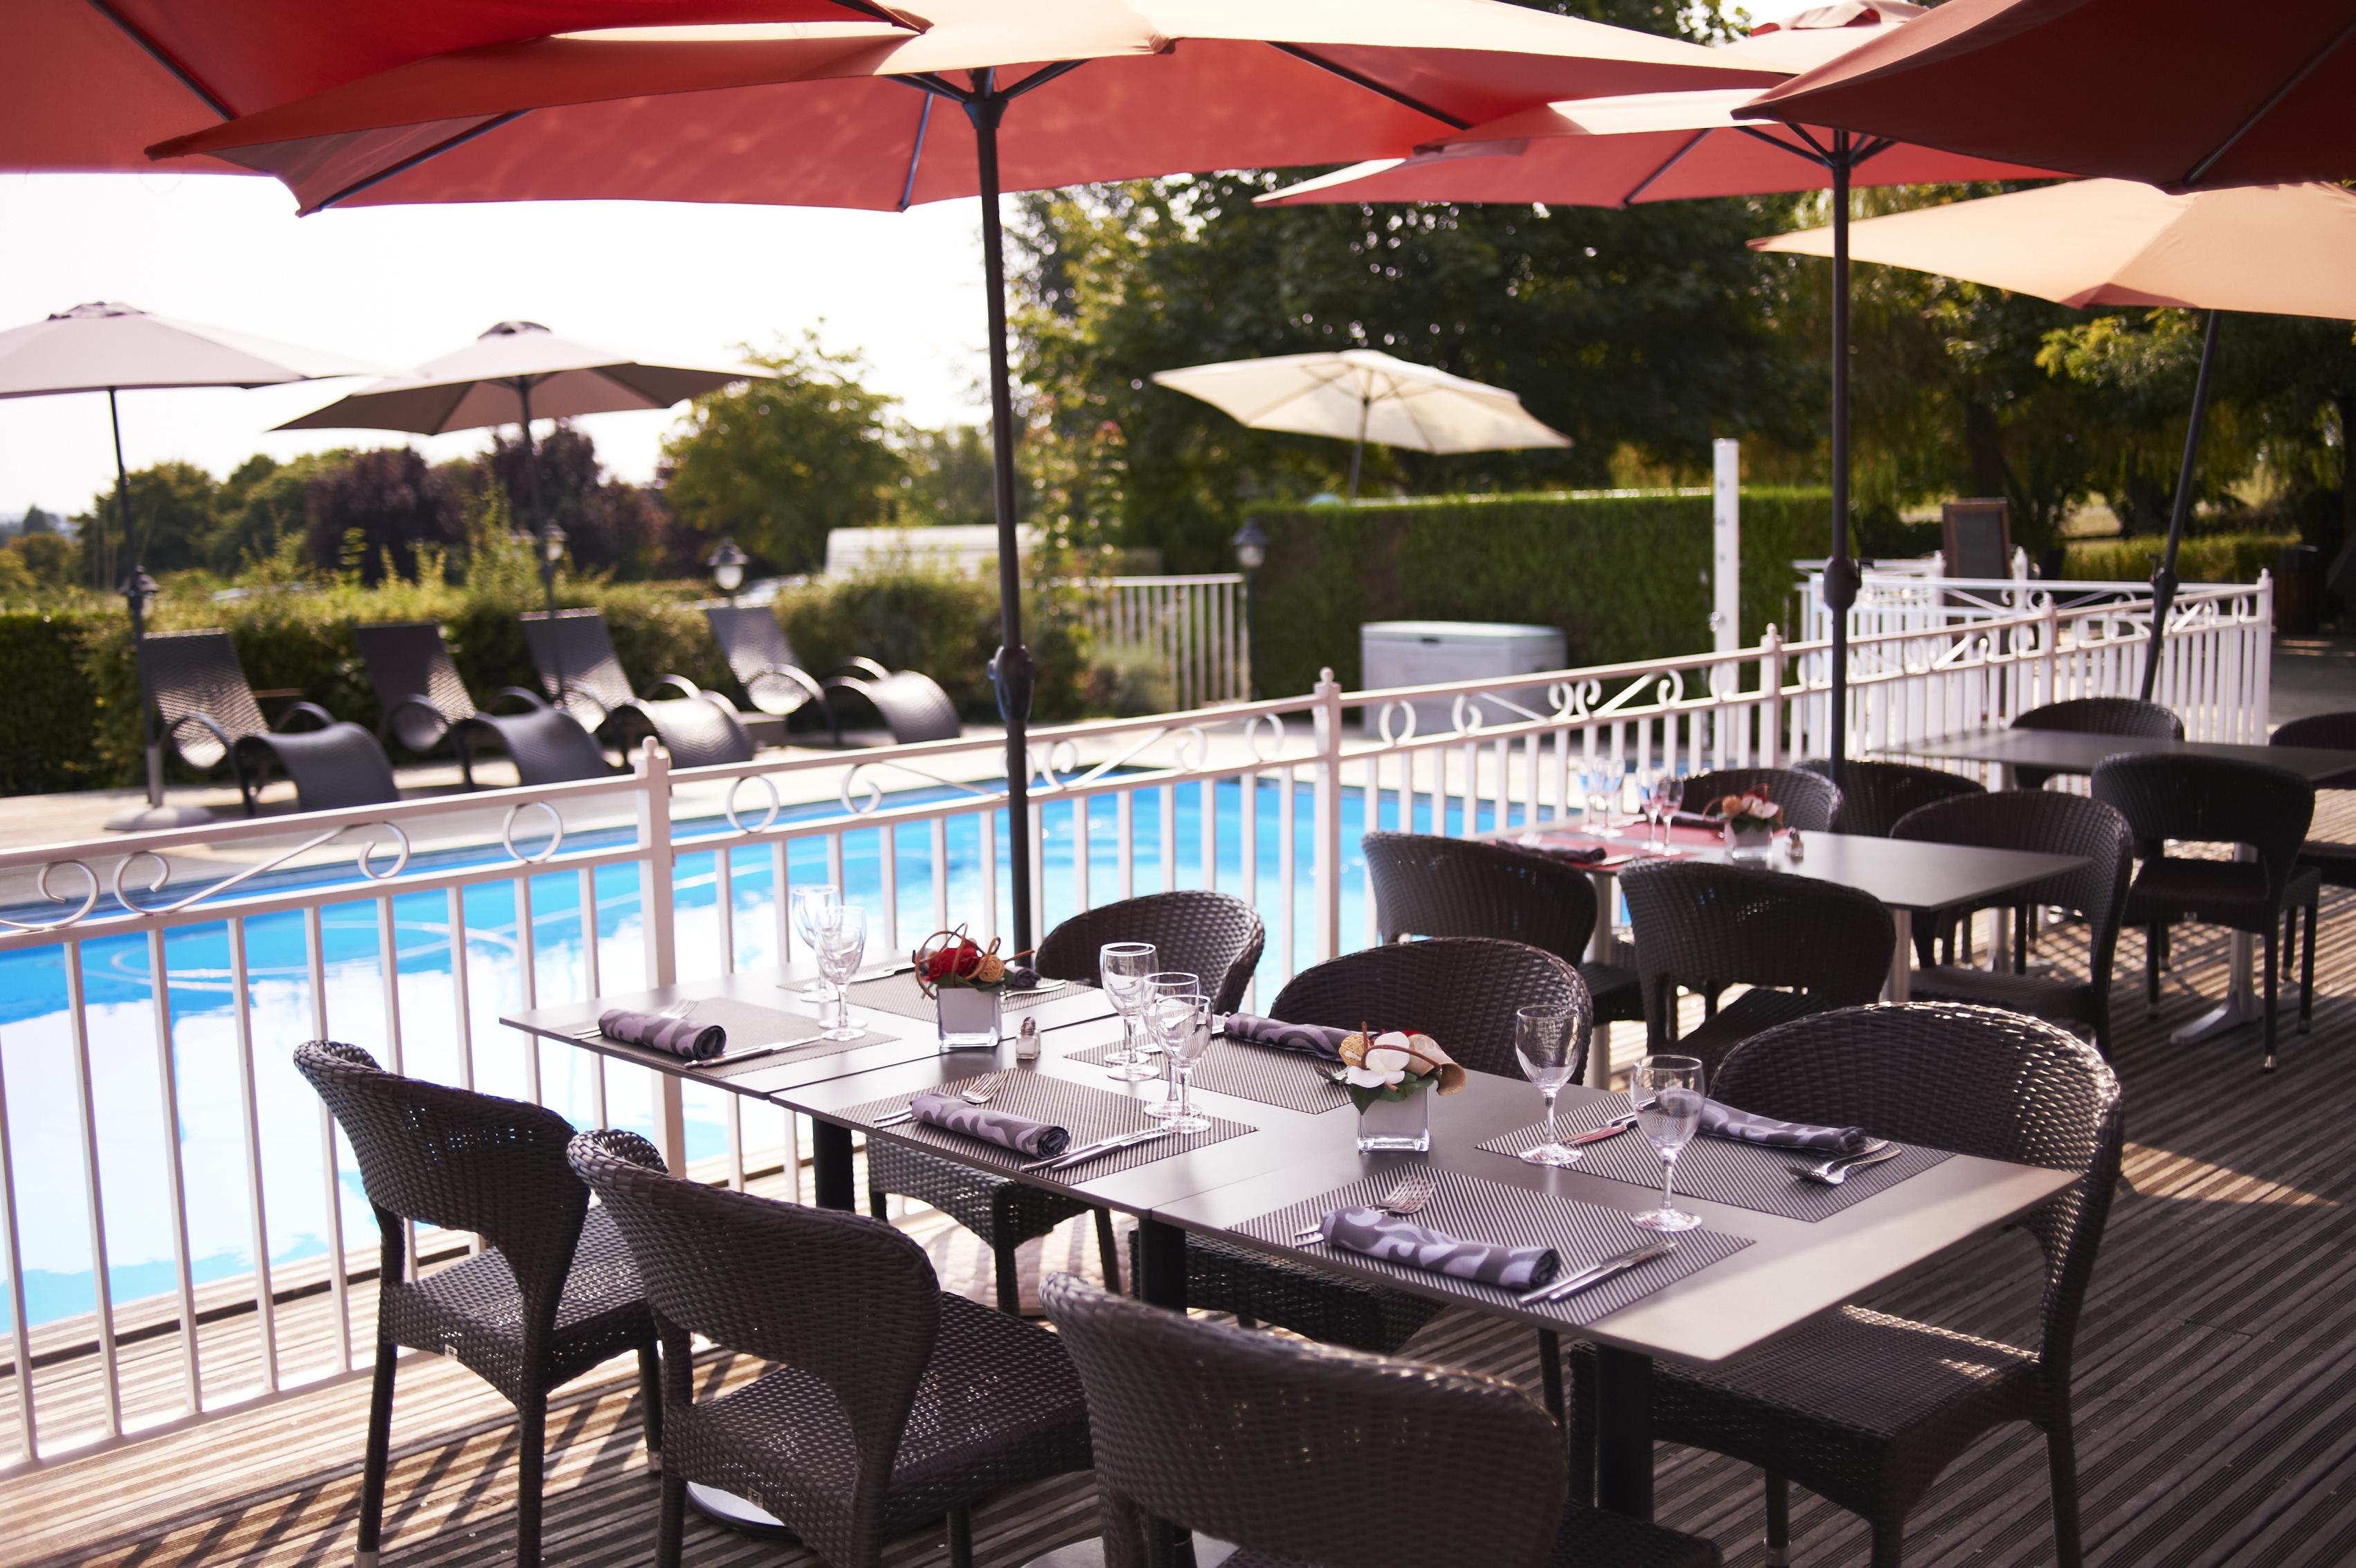 萊斯塔拉斯薩莫爾溫泉飯店